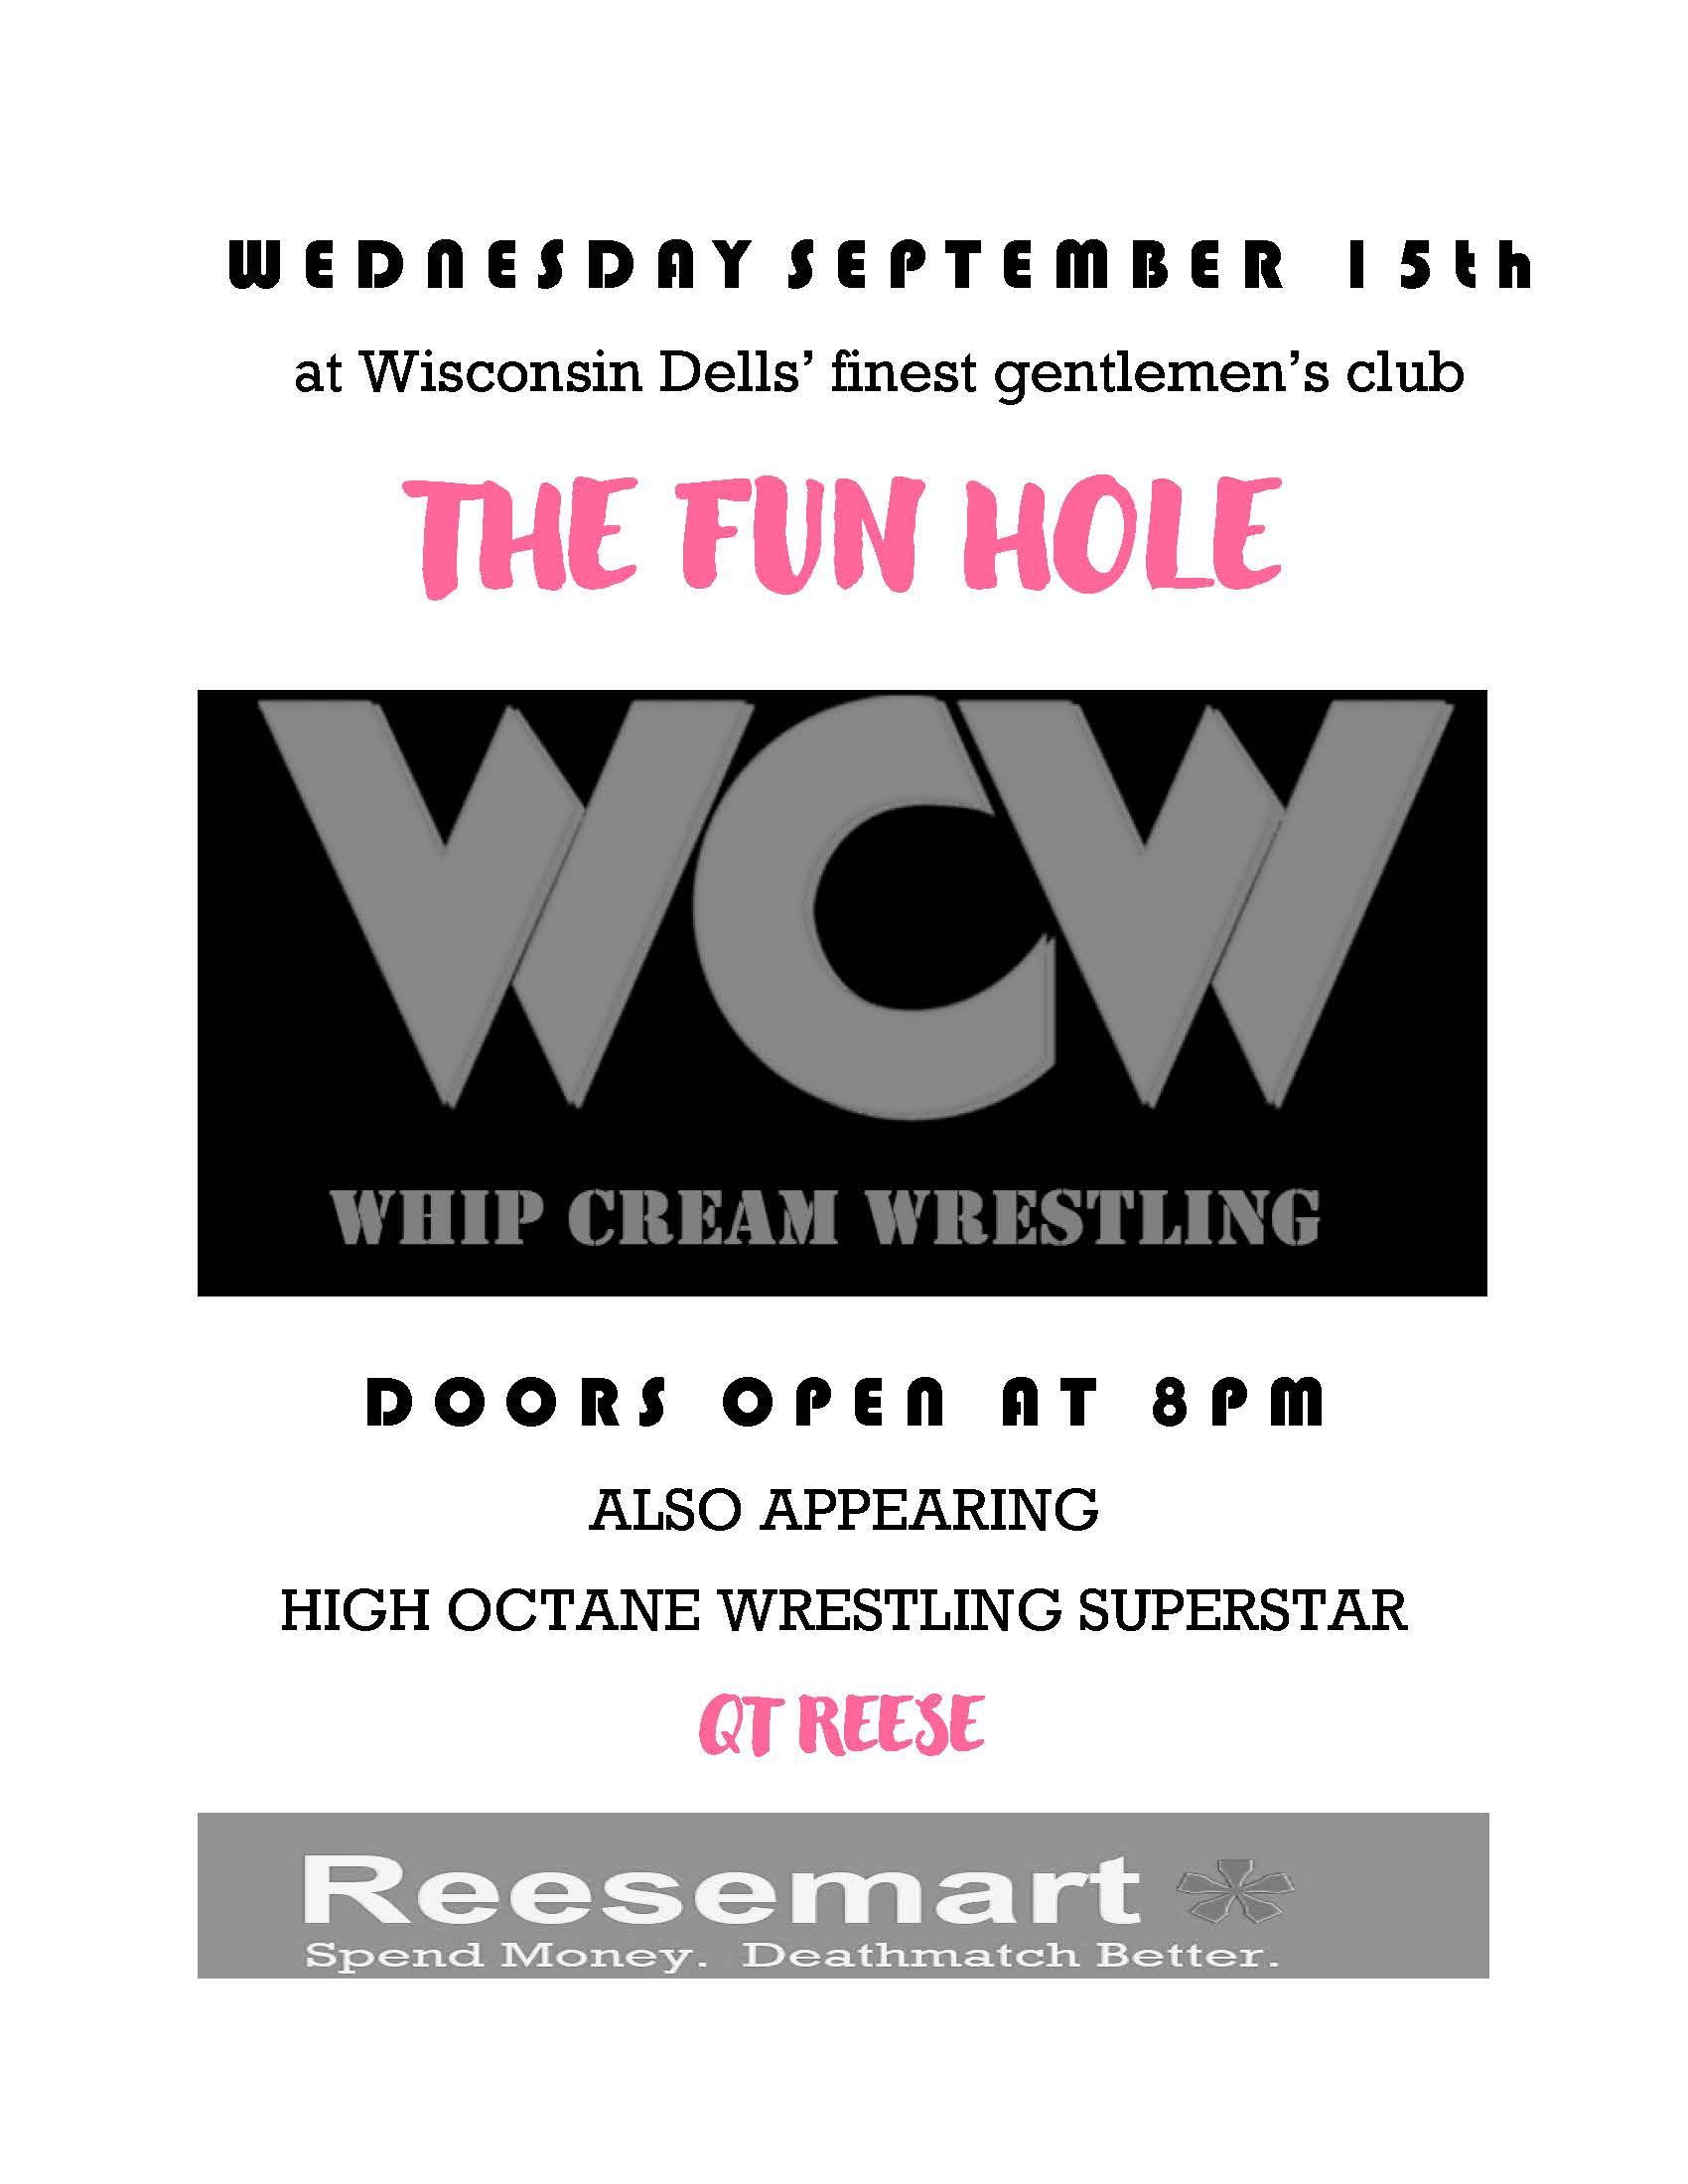 Fun Hole